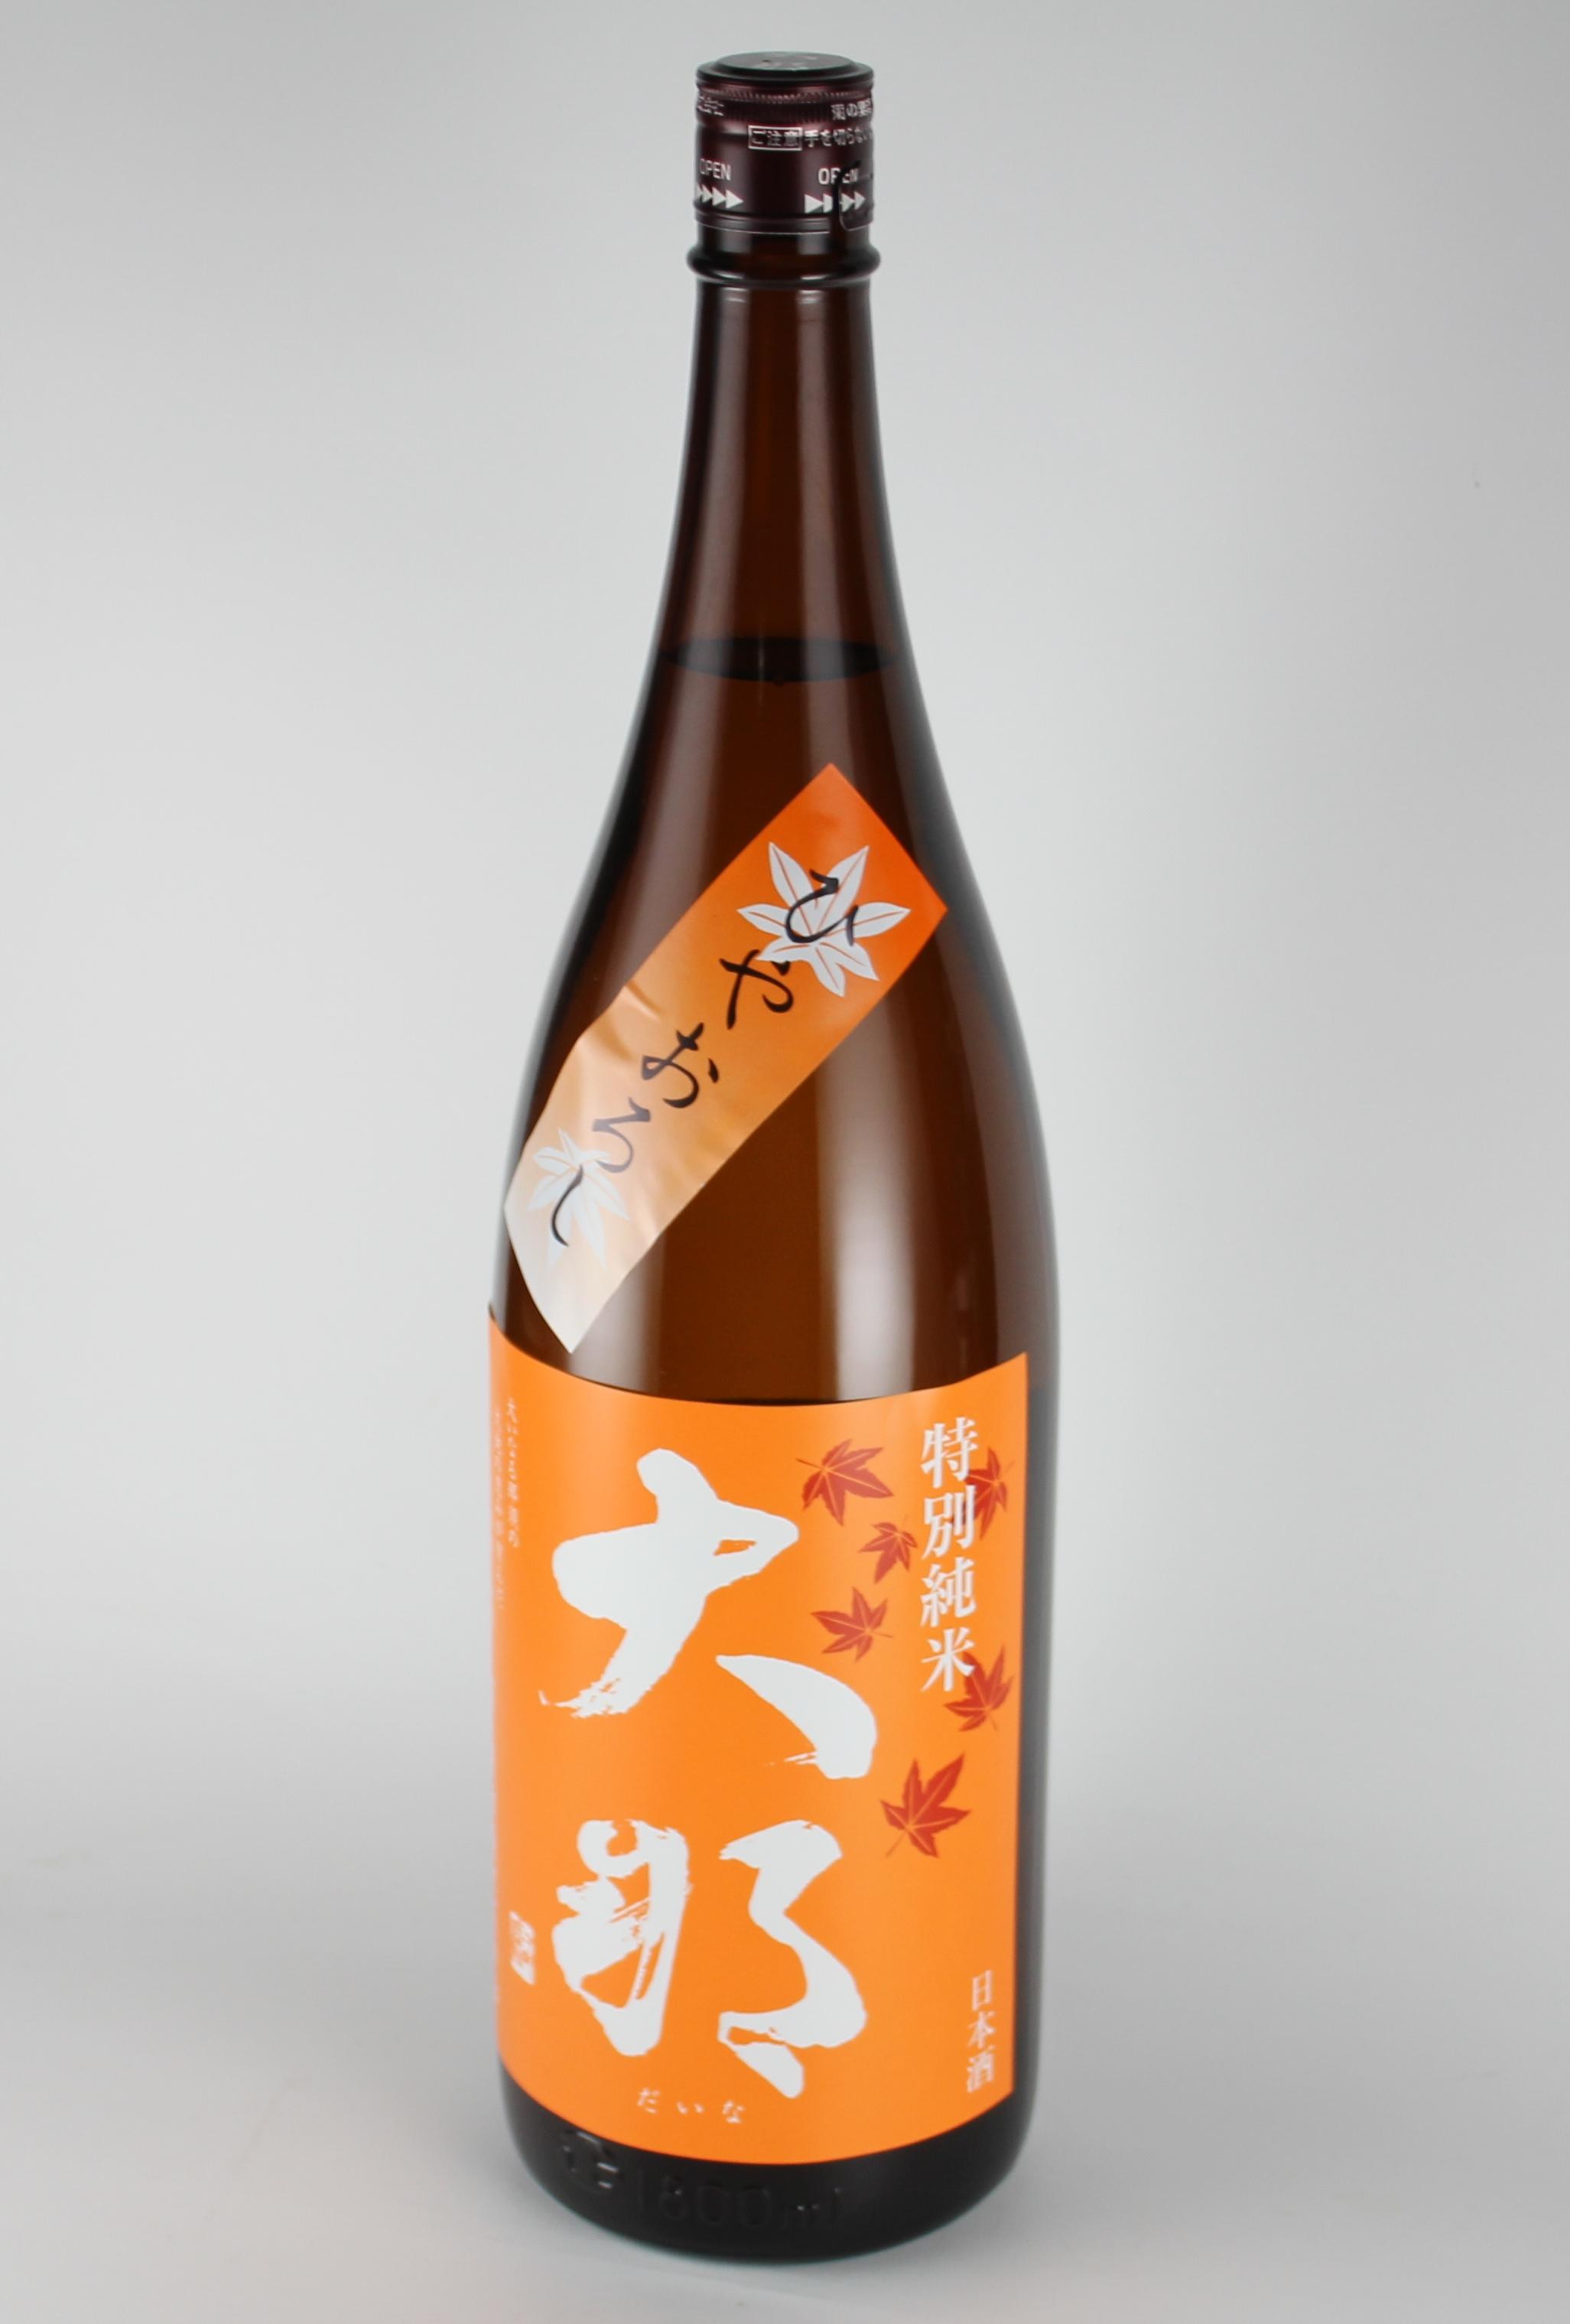 大那 特別純米ひやおろし 1800ml 【栃木/菊の里酒造】2015醸造年度